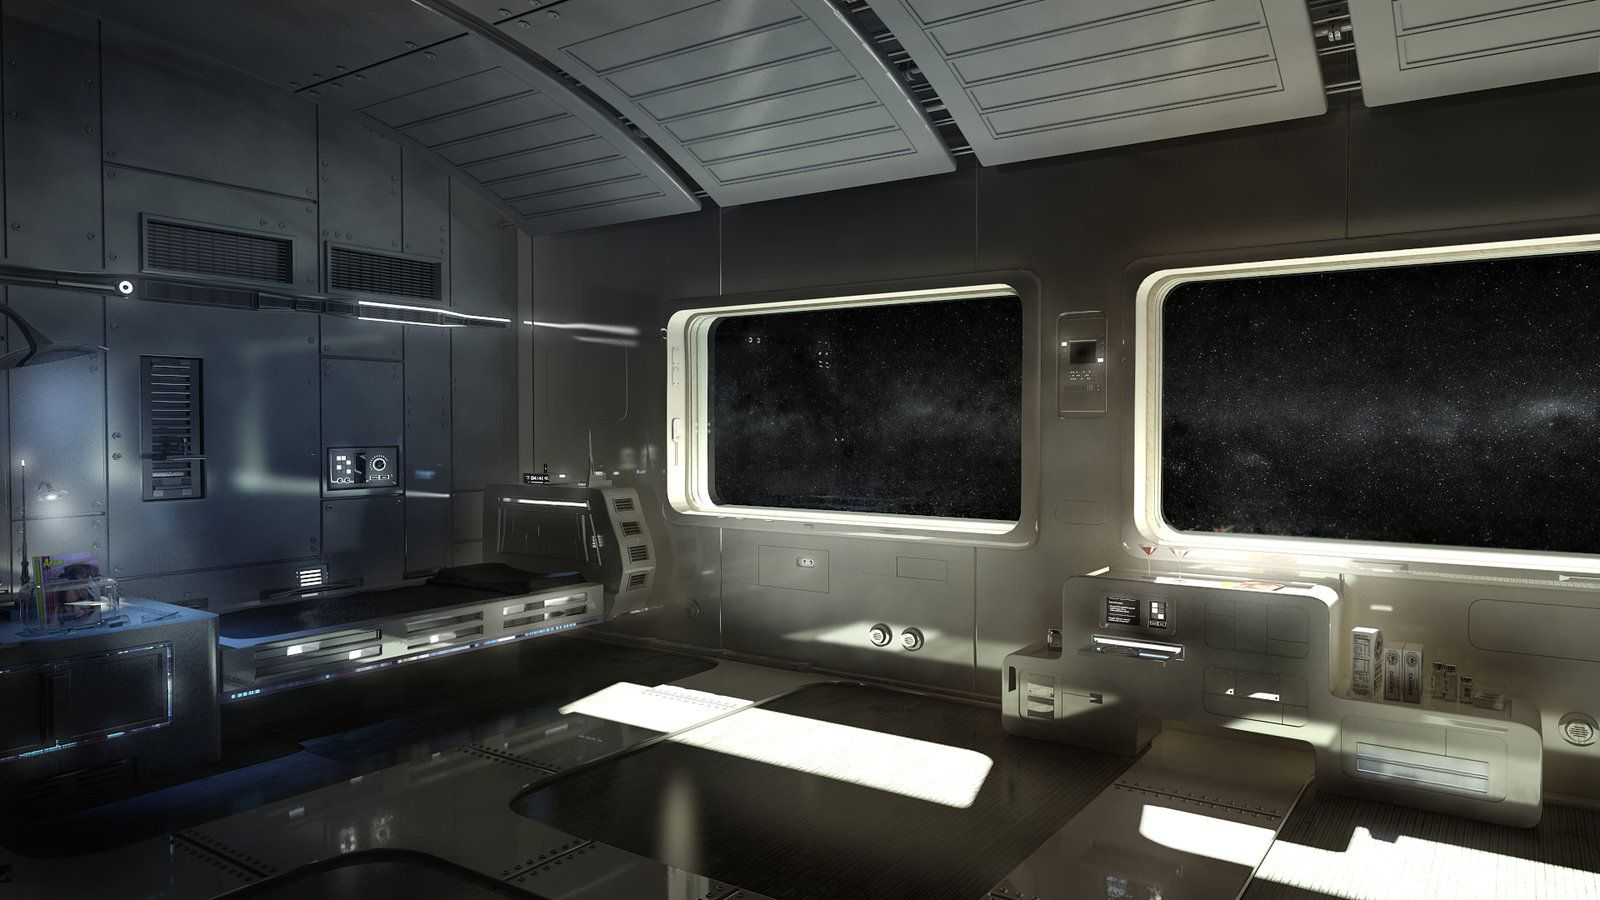 Medium Of Sci Fi Bedroom